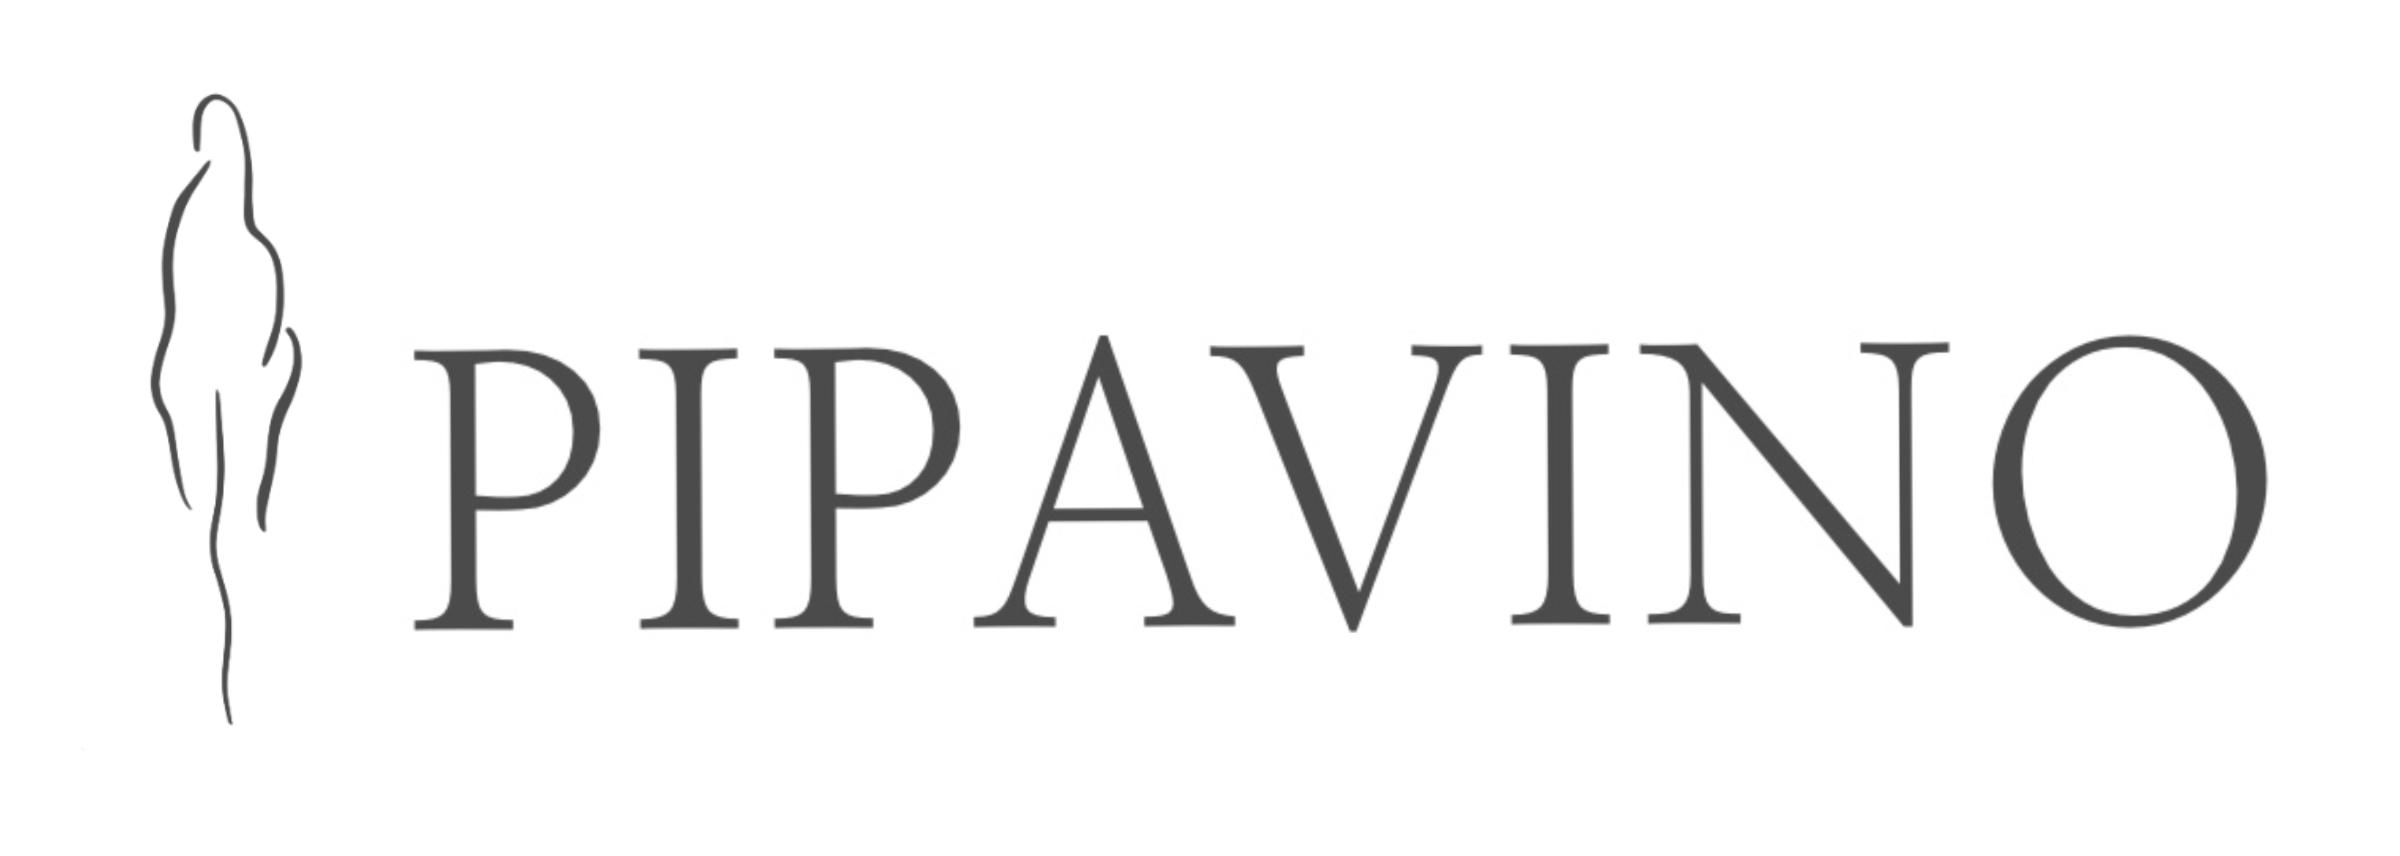 Pipavino